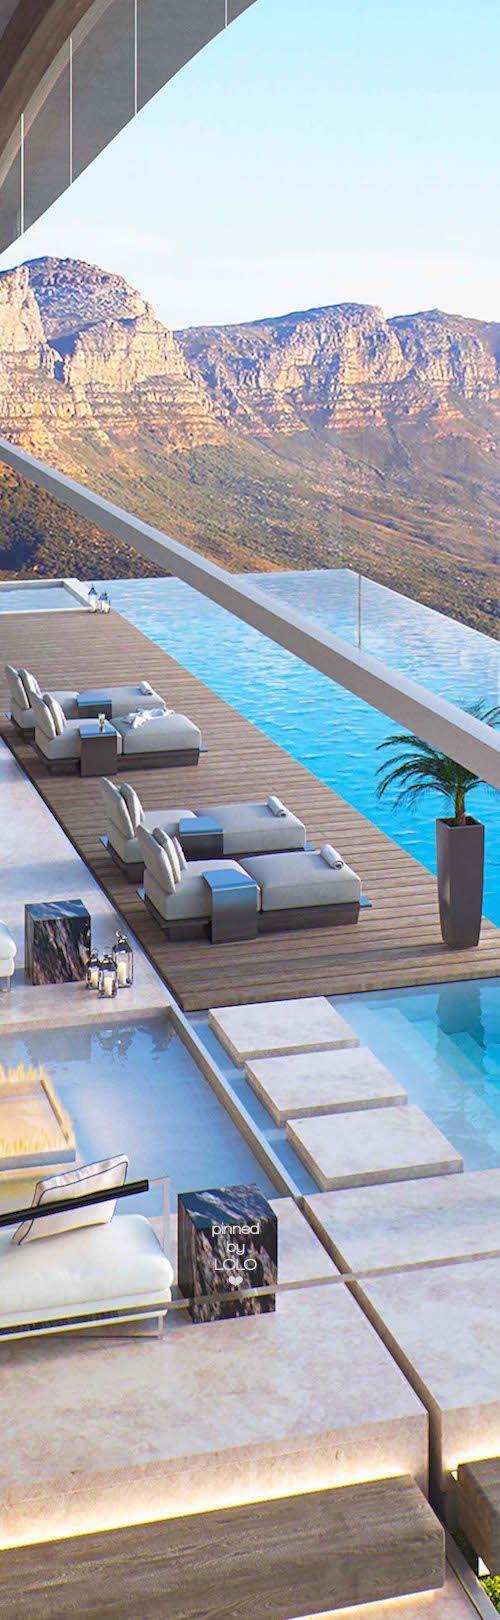 marche dans l'eau stylé, terrasse et piscine a débordement ok